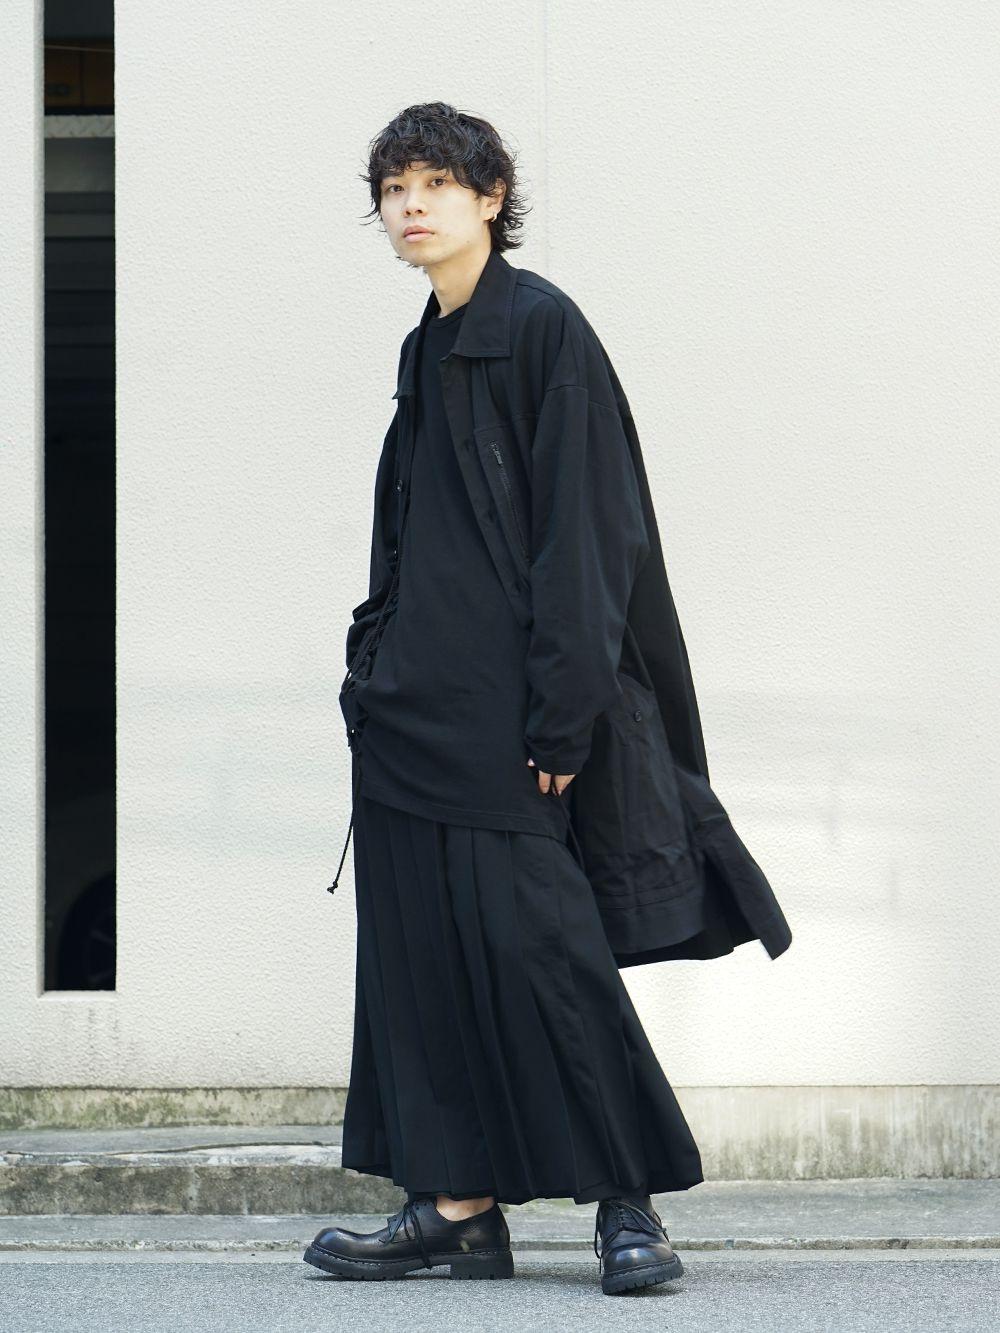 Yohji Yamamoto x B YY All Black Style - 1-004